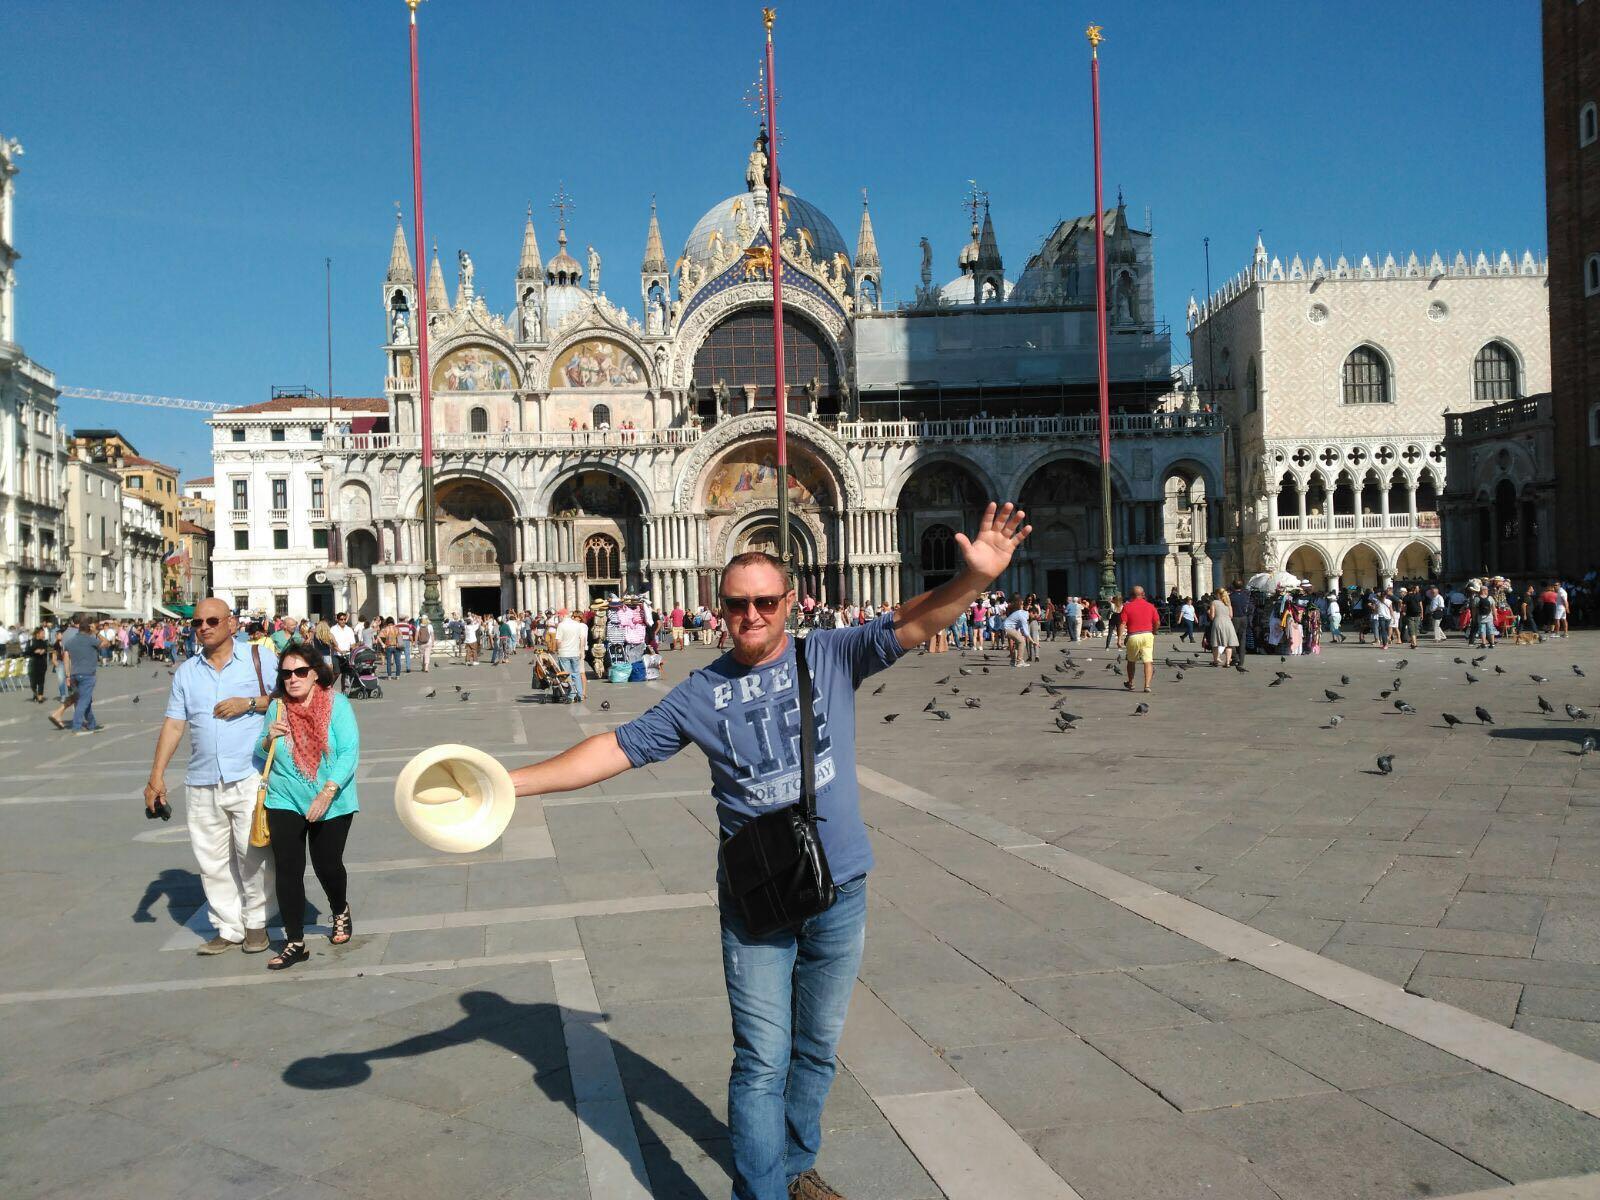 Federic divertido en la plaza San Marcos con la Basilica al fondo, en Venecia